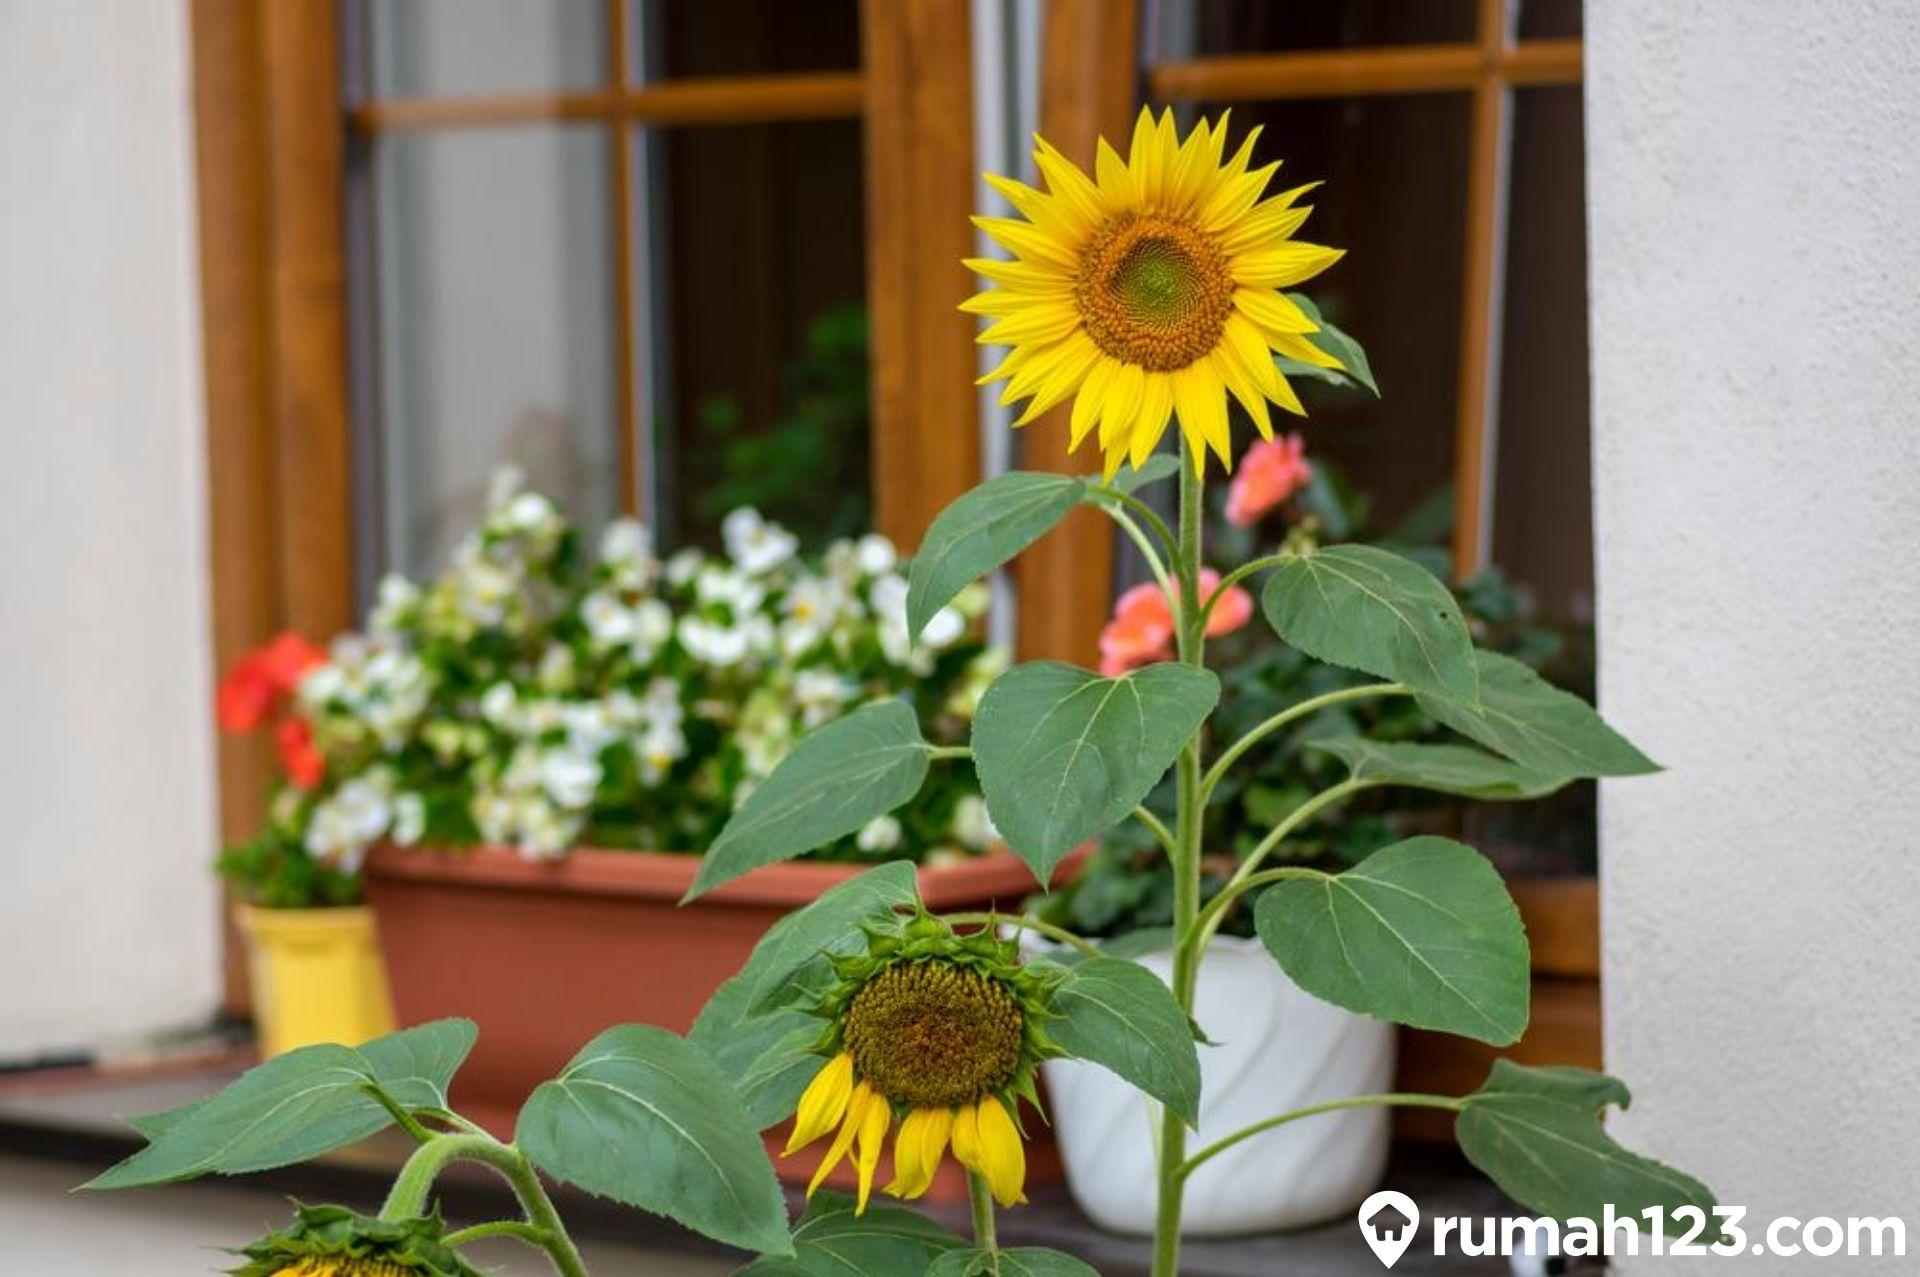 Cara Menanam Bunga Matahari Dengan Mudah Sekali Panen Untung Berlipat Rumah123 Com